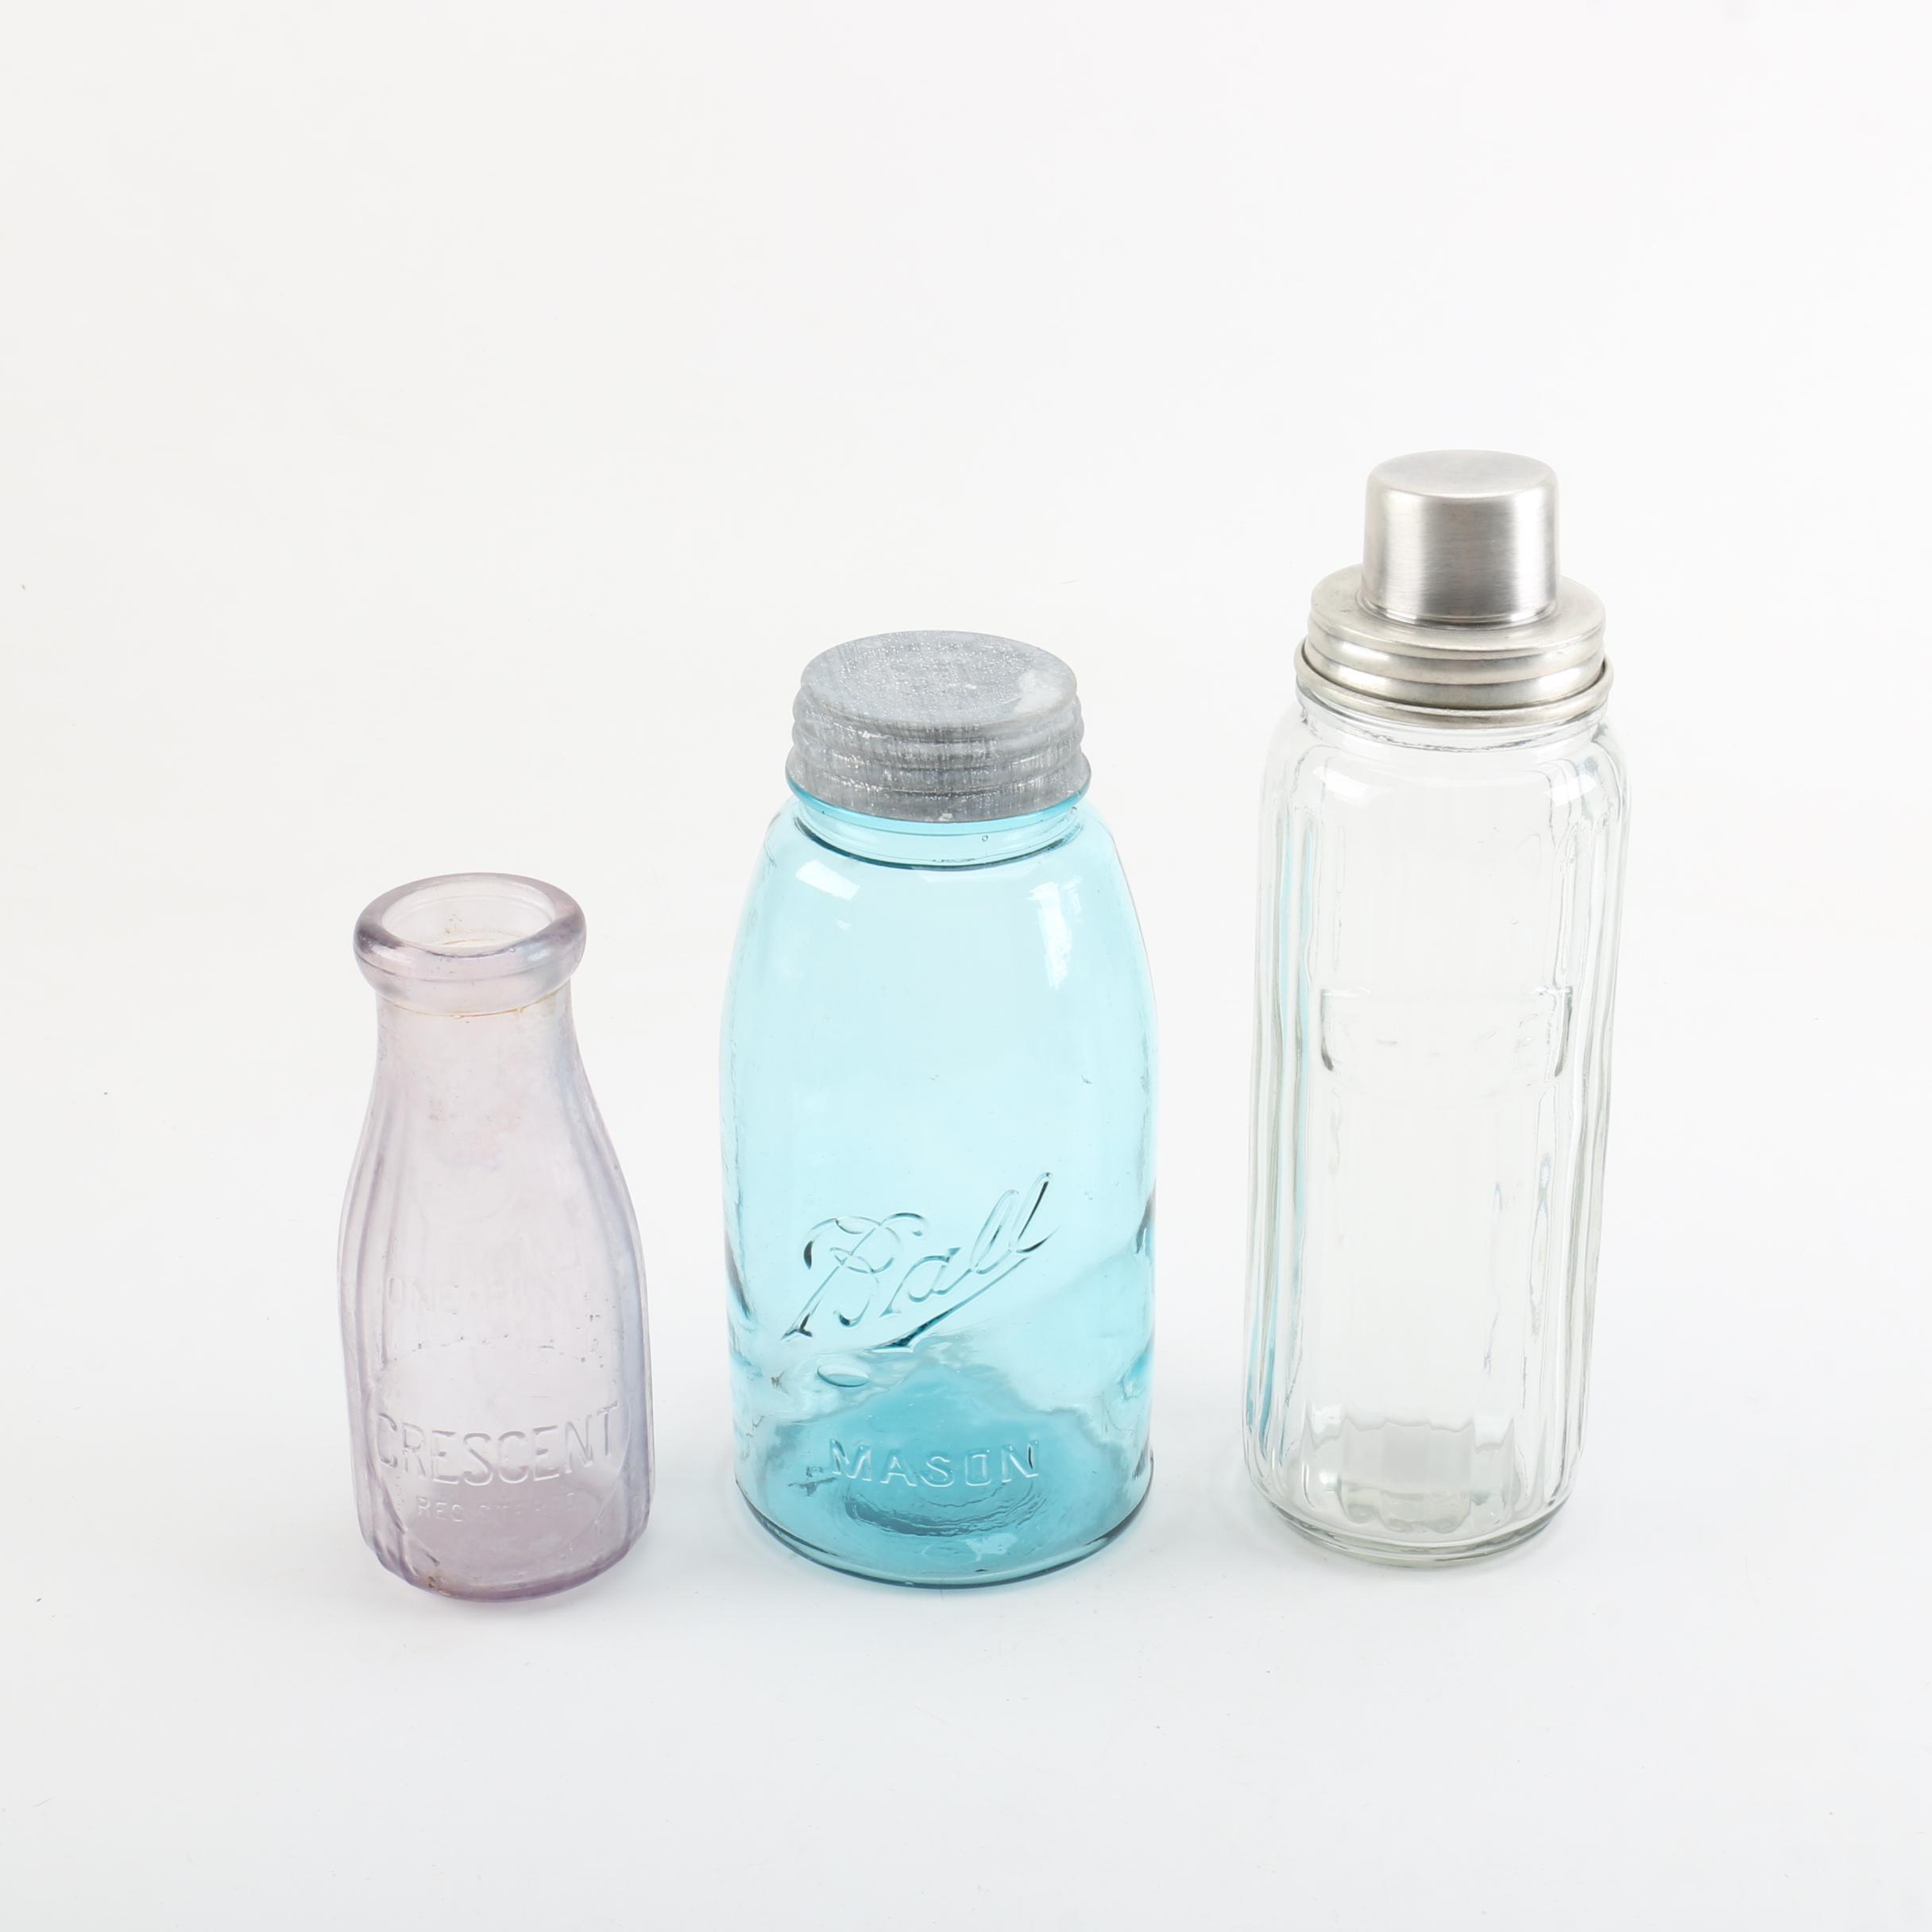 Vintage Glass Bottle and Jars